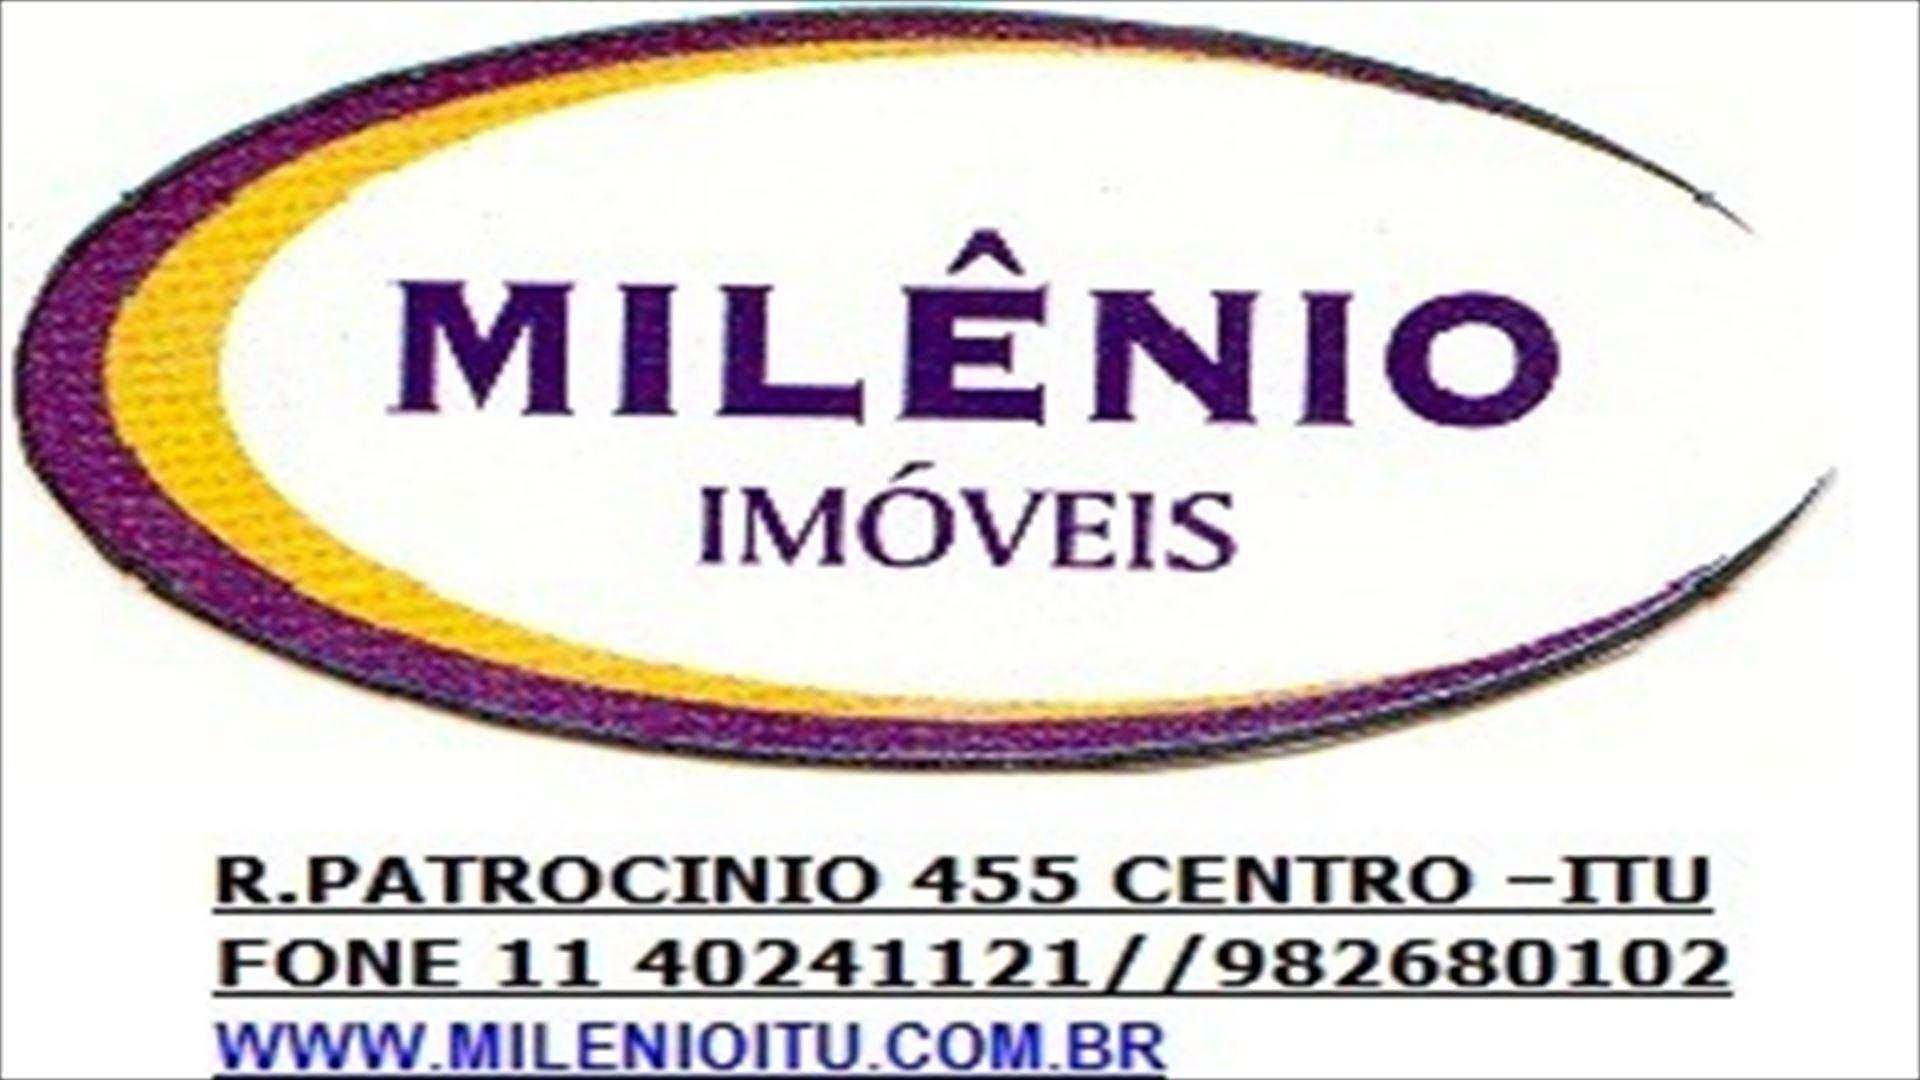 166900-LOGO_TIPO_MILENIO1.jpg